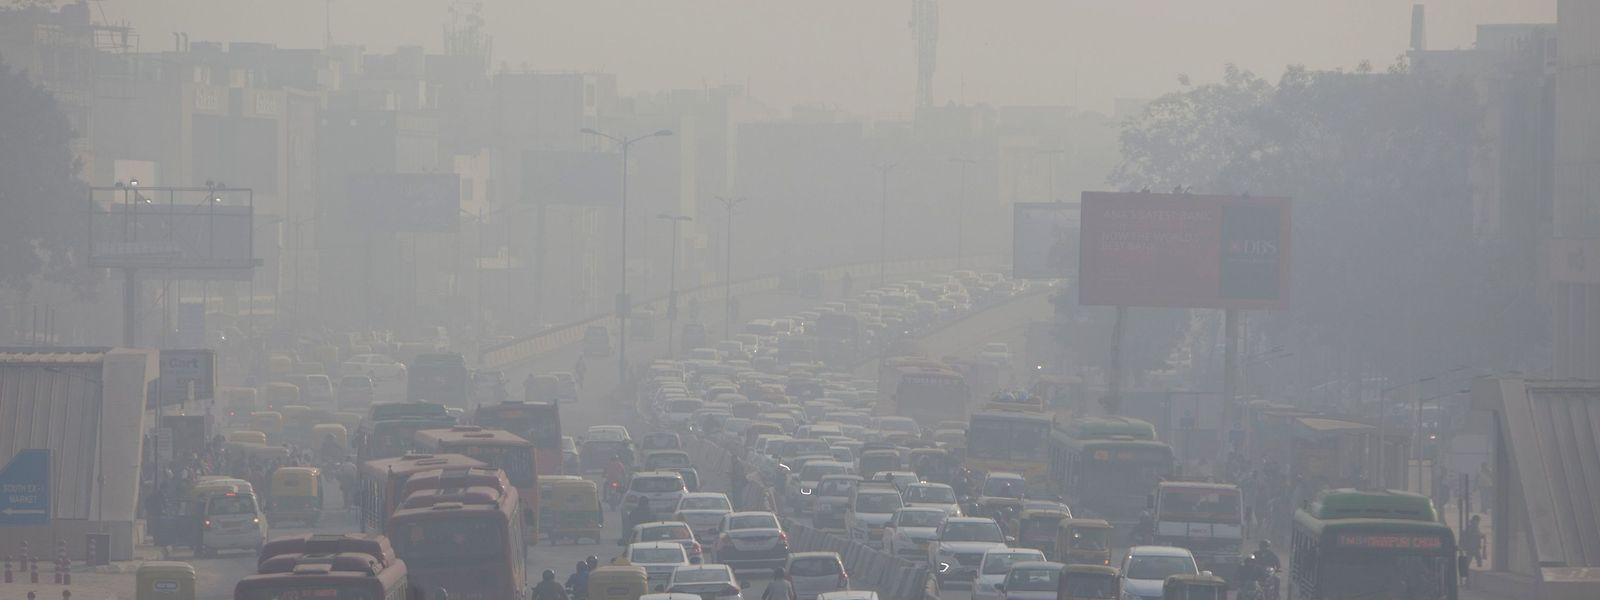 Au sud de New Delhi ce 6 décembre 2018. Mais le boom d'émissions de CO2 ne touche pas que l'Inde. La Chine et les Etats-Unis sont en tête.